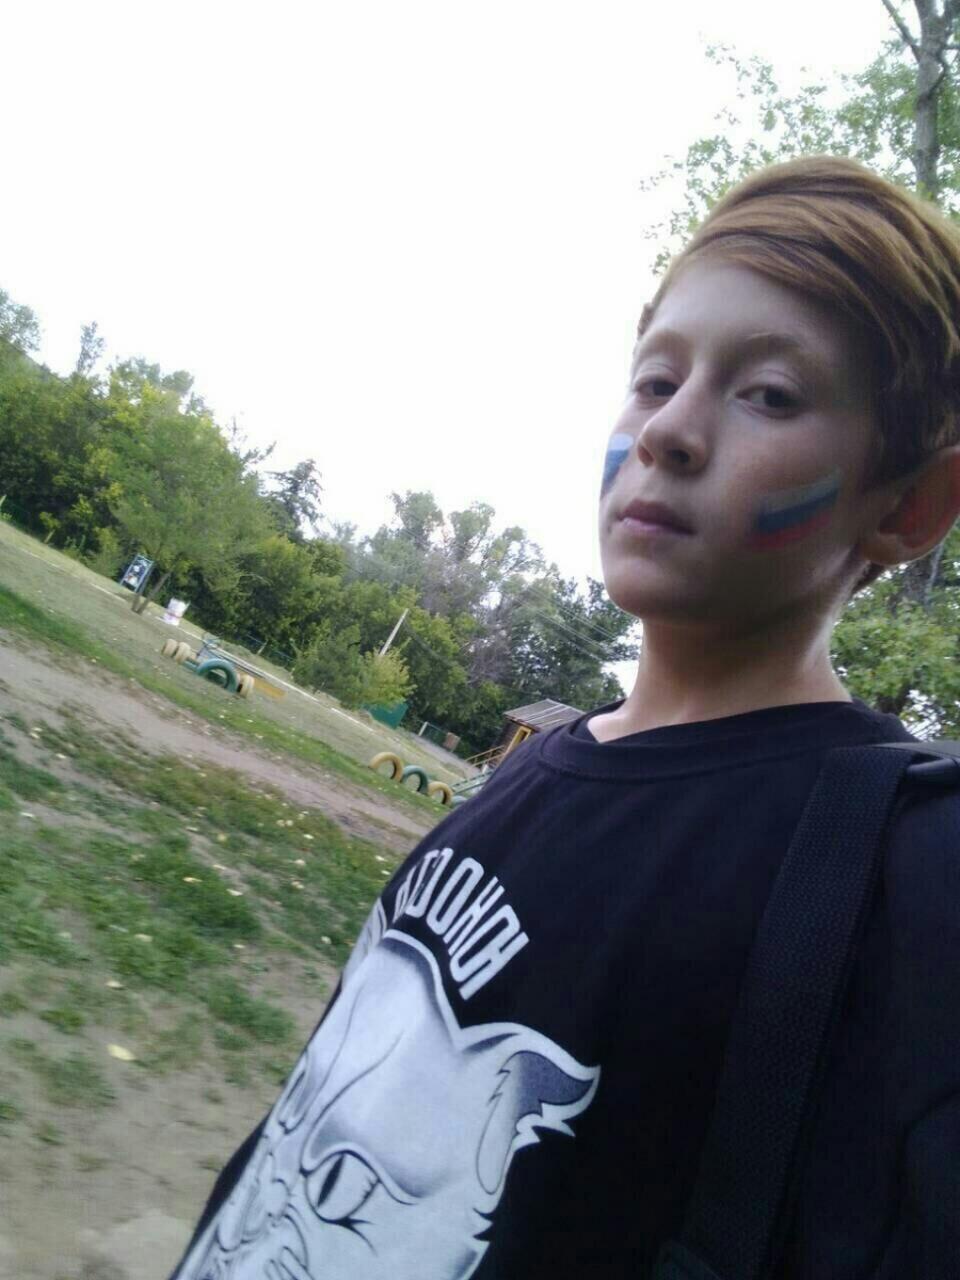 Без вести пропавшего 13-летнего Ивана Тимофеева разыскивают в Камышине